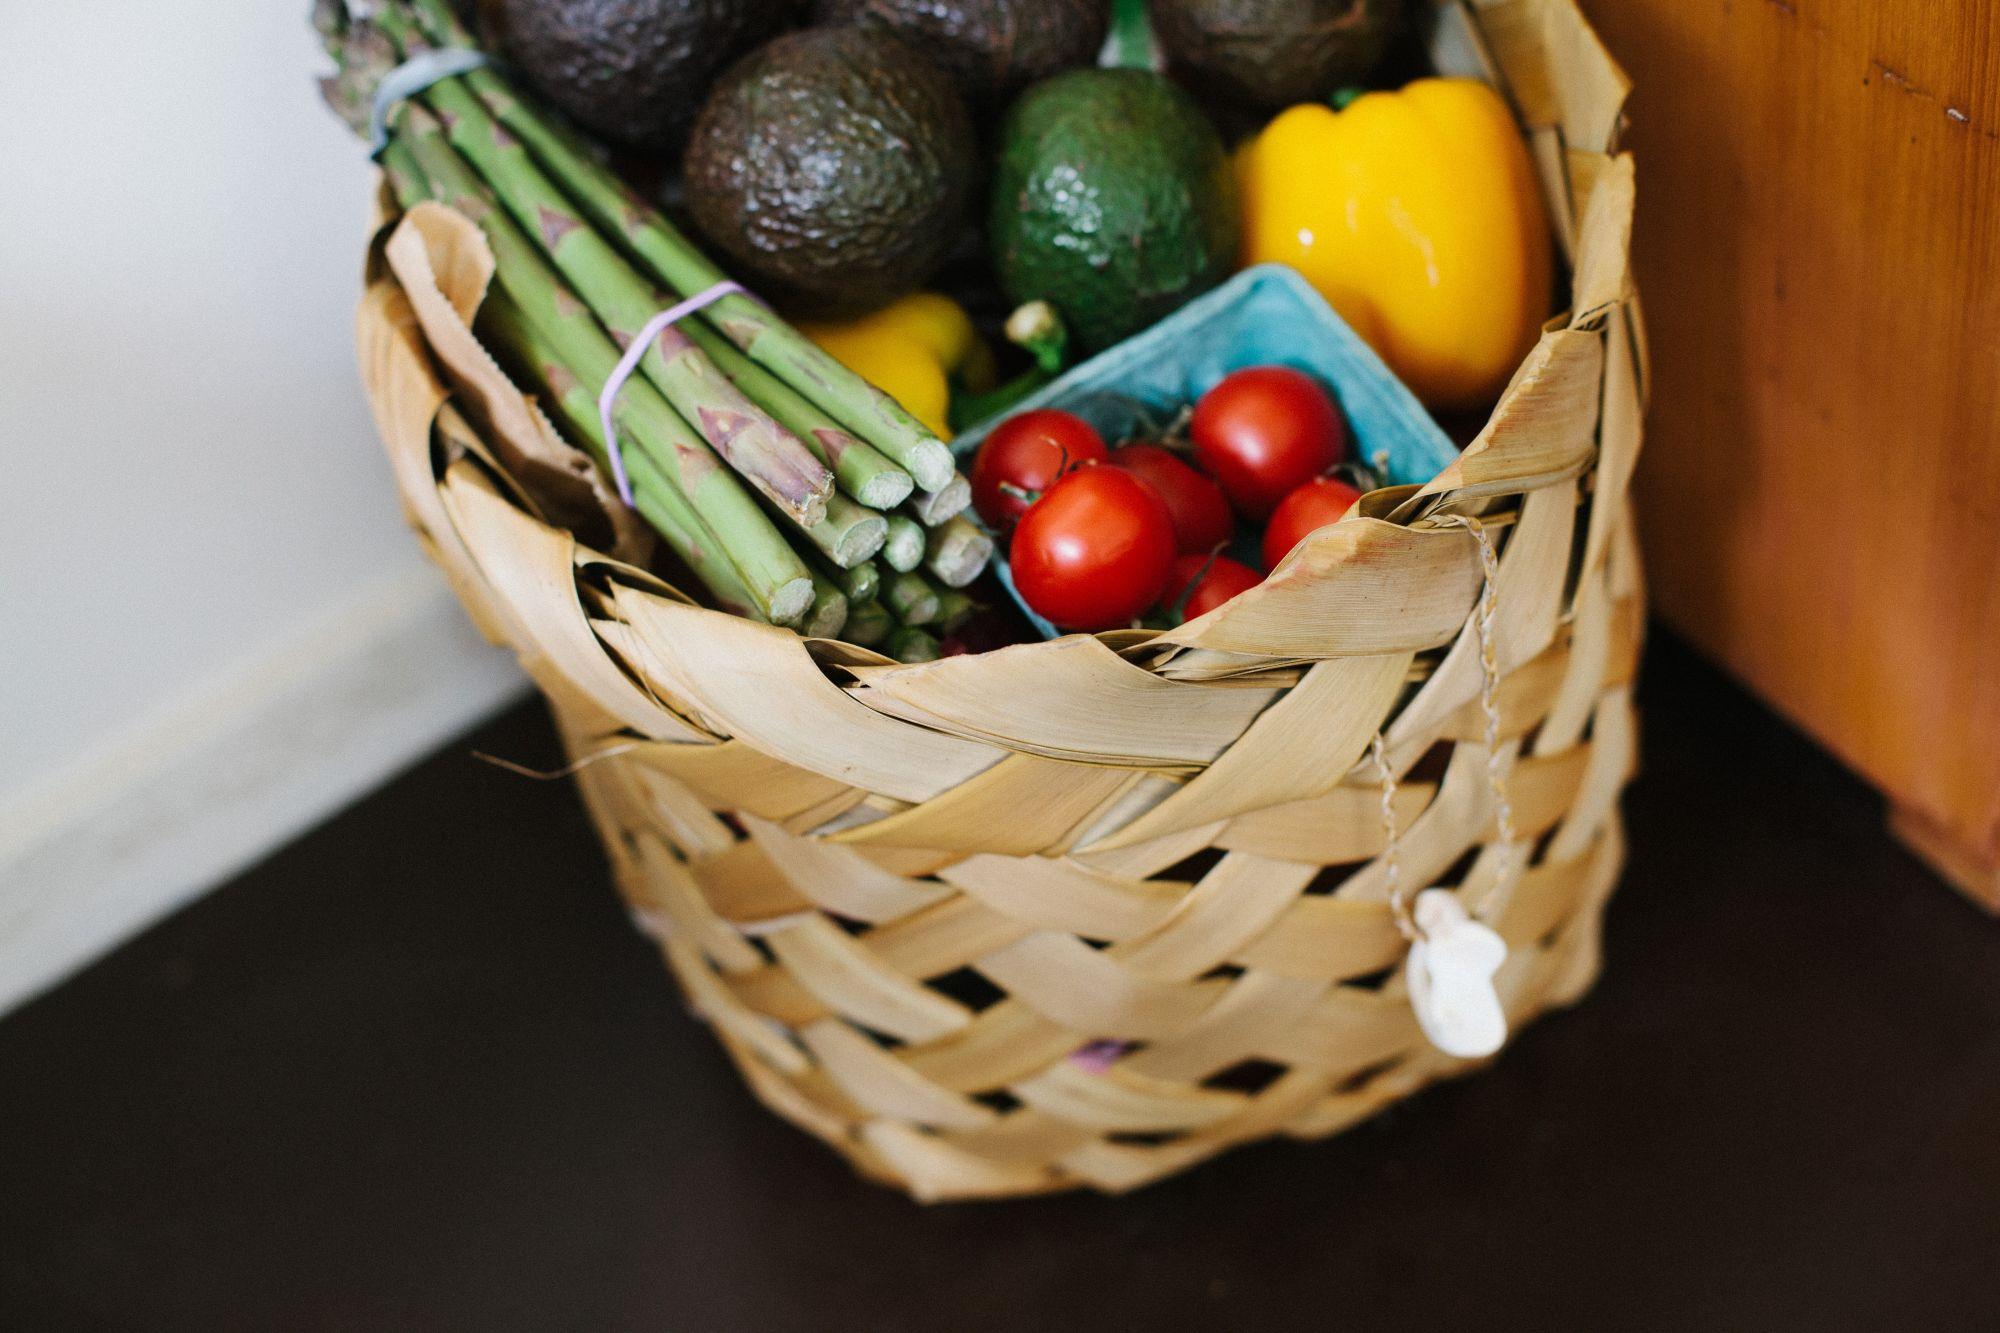 Here Are 5 Meat Alternatives For The Lenten Season